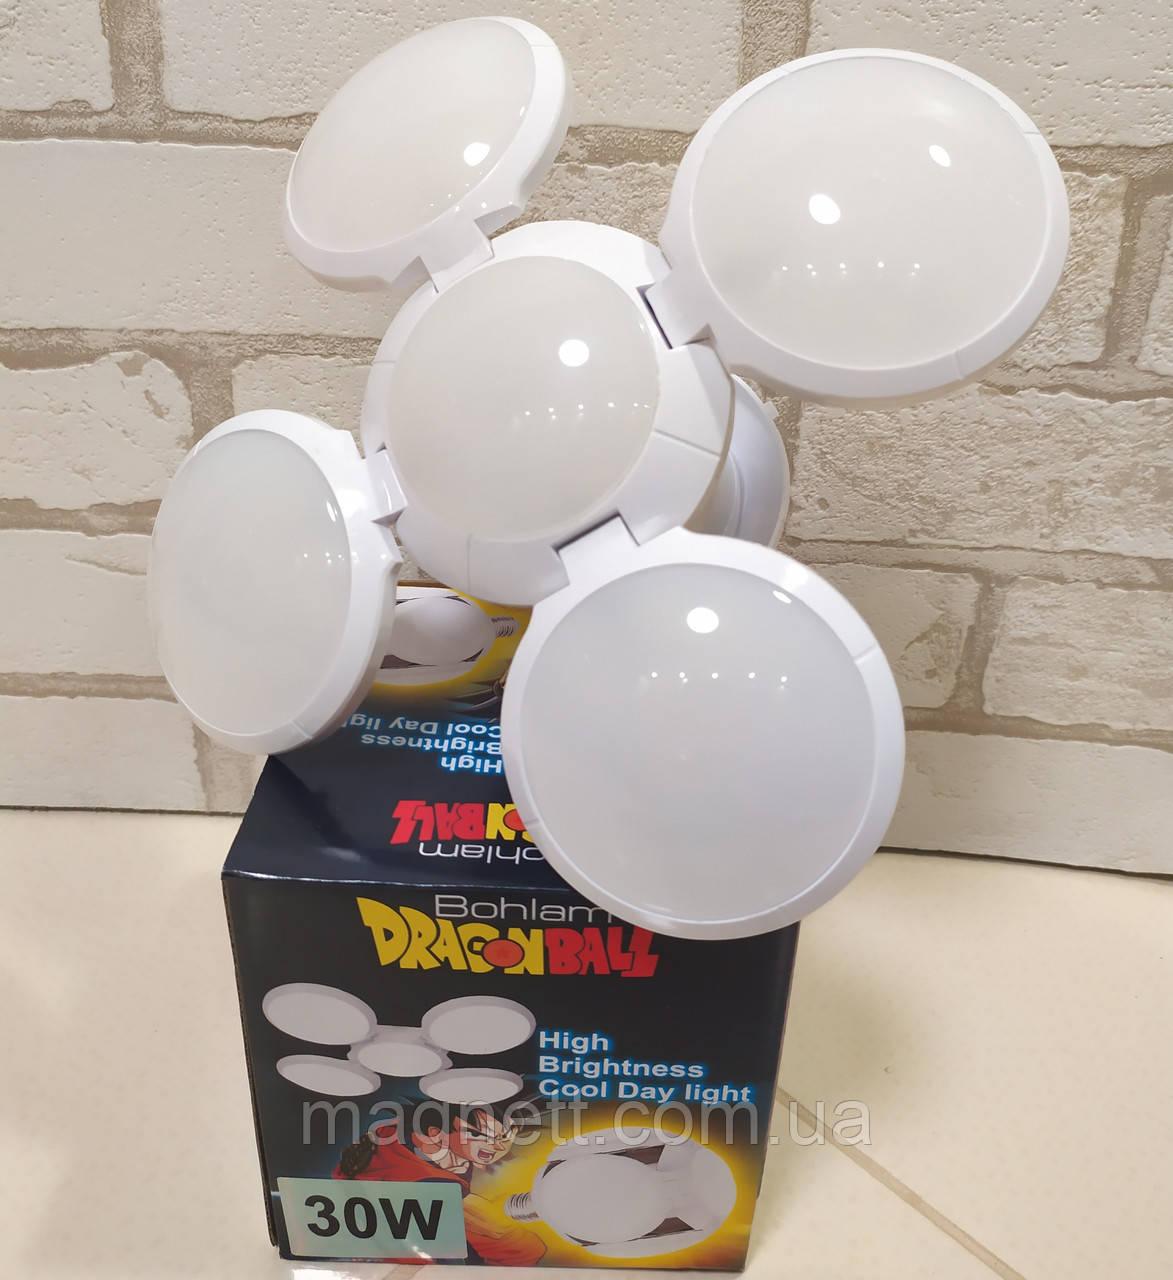 Універсальна деформируемая складна лампа 30W E27 Bohlam Dragonball